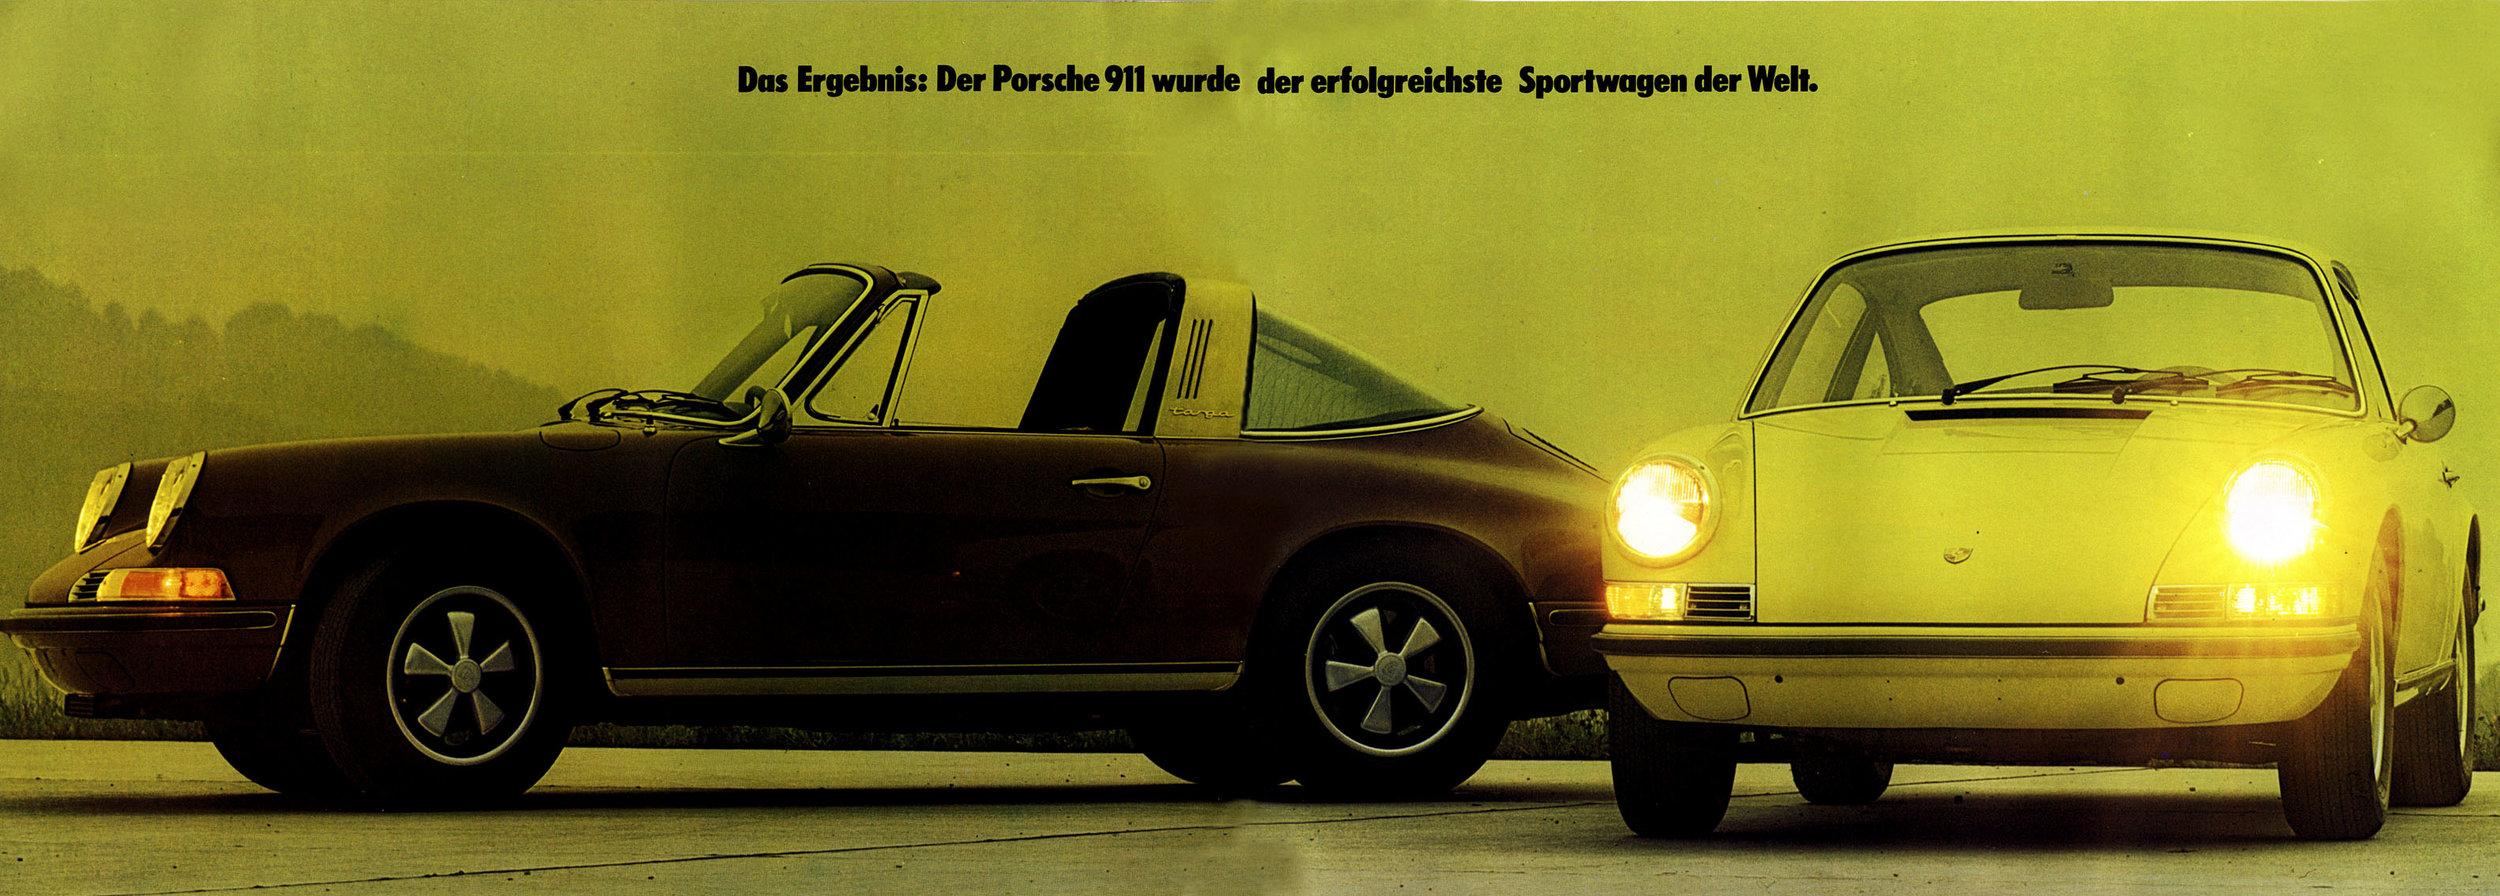 TunnelRam_Porsche 911 (23).jpg